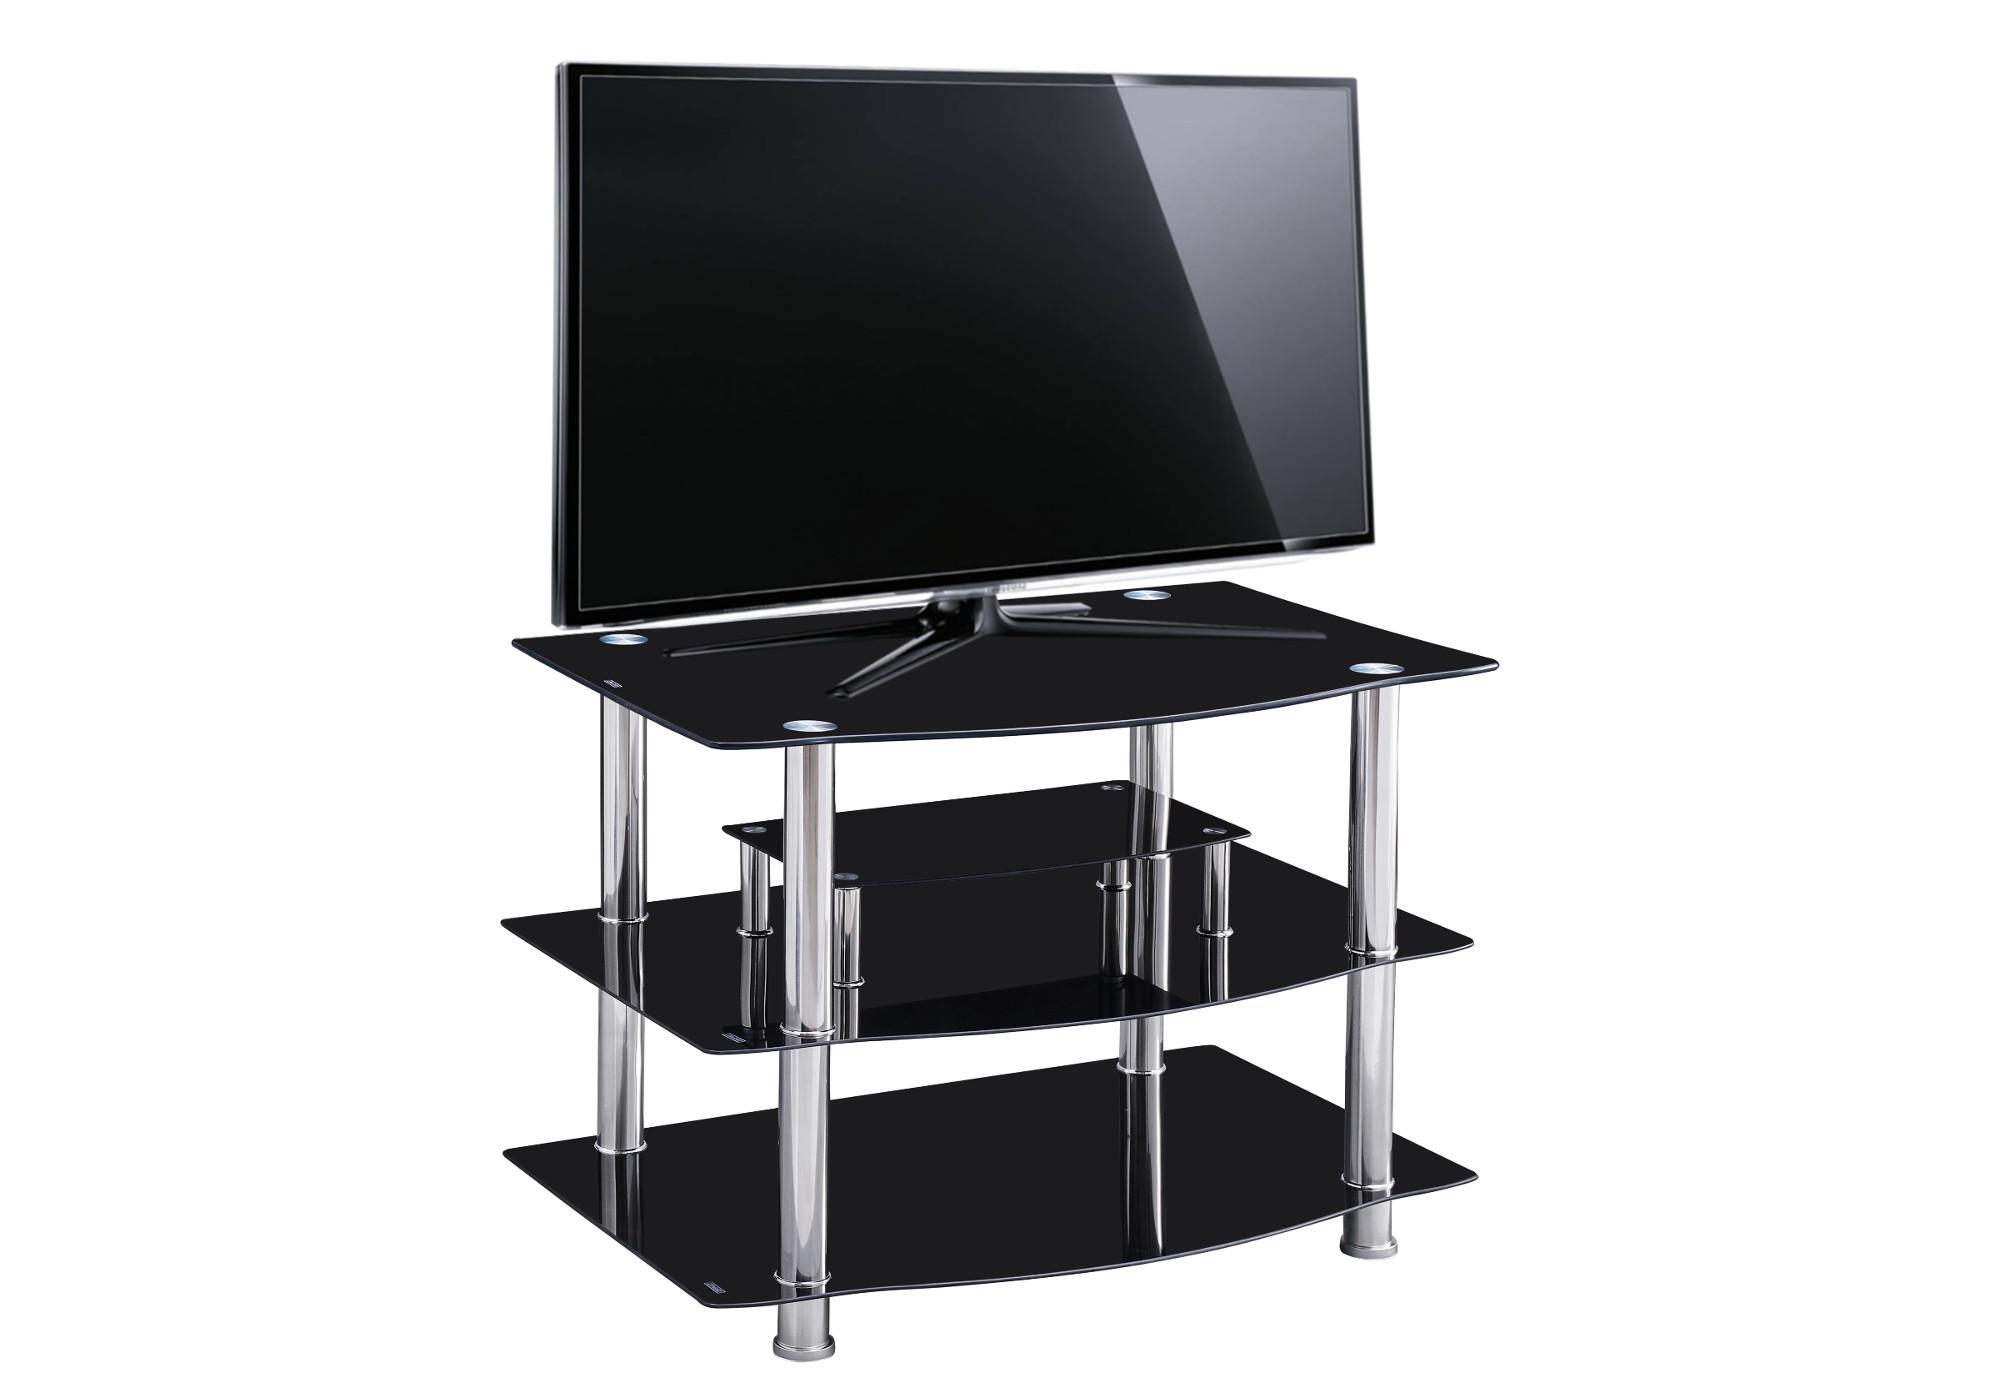 Meuble TV chromé verre noir KEO.1